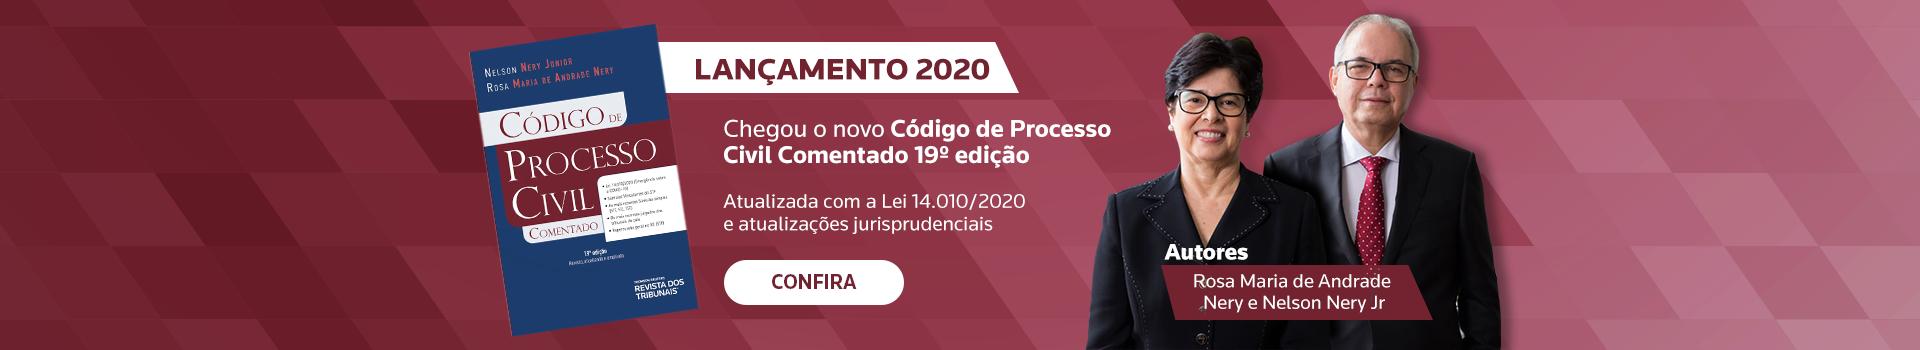 Campanha - Obra Código de Processo Civil Comentado 19º edição